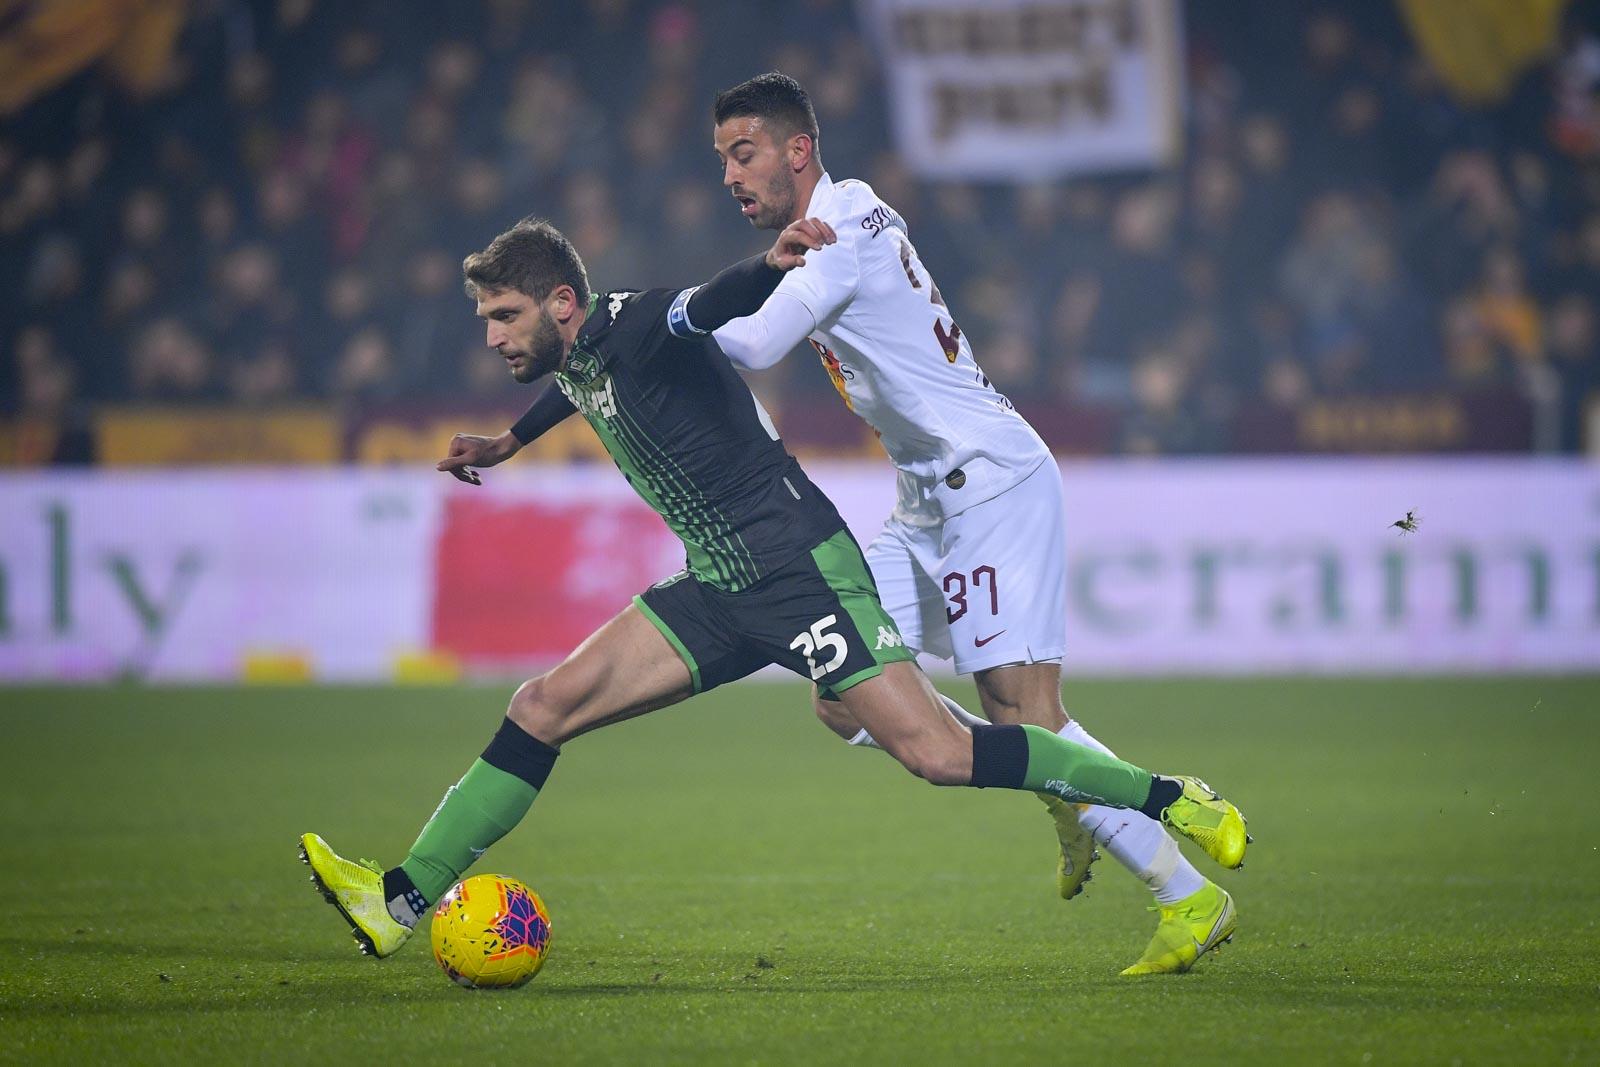 Defesa sofre e Roma perde mais um jogo em 2020